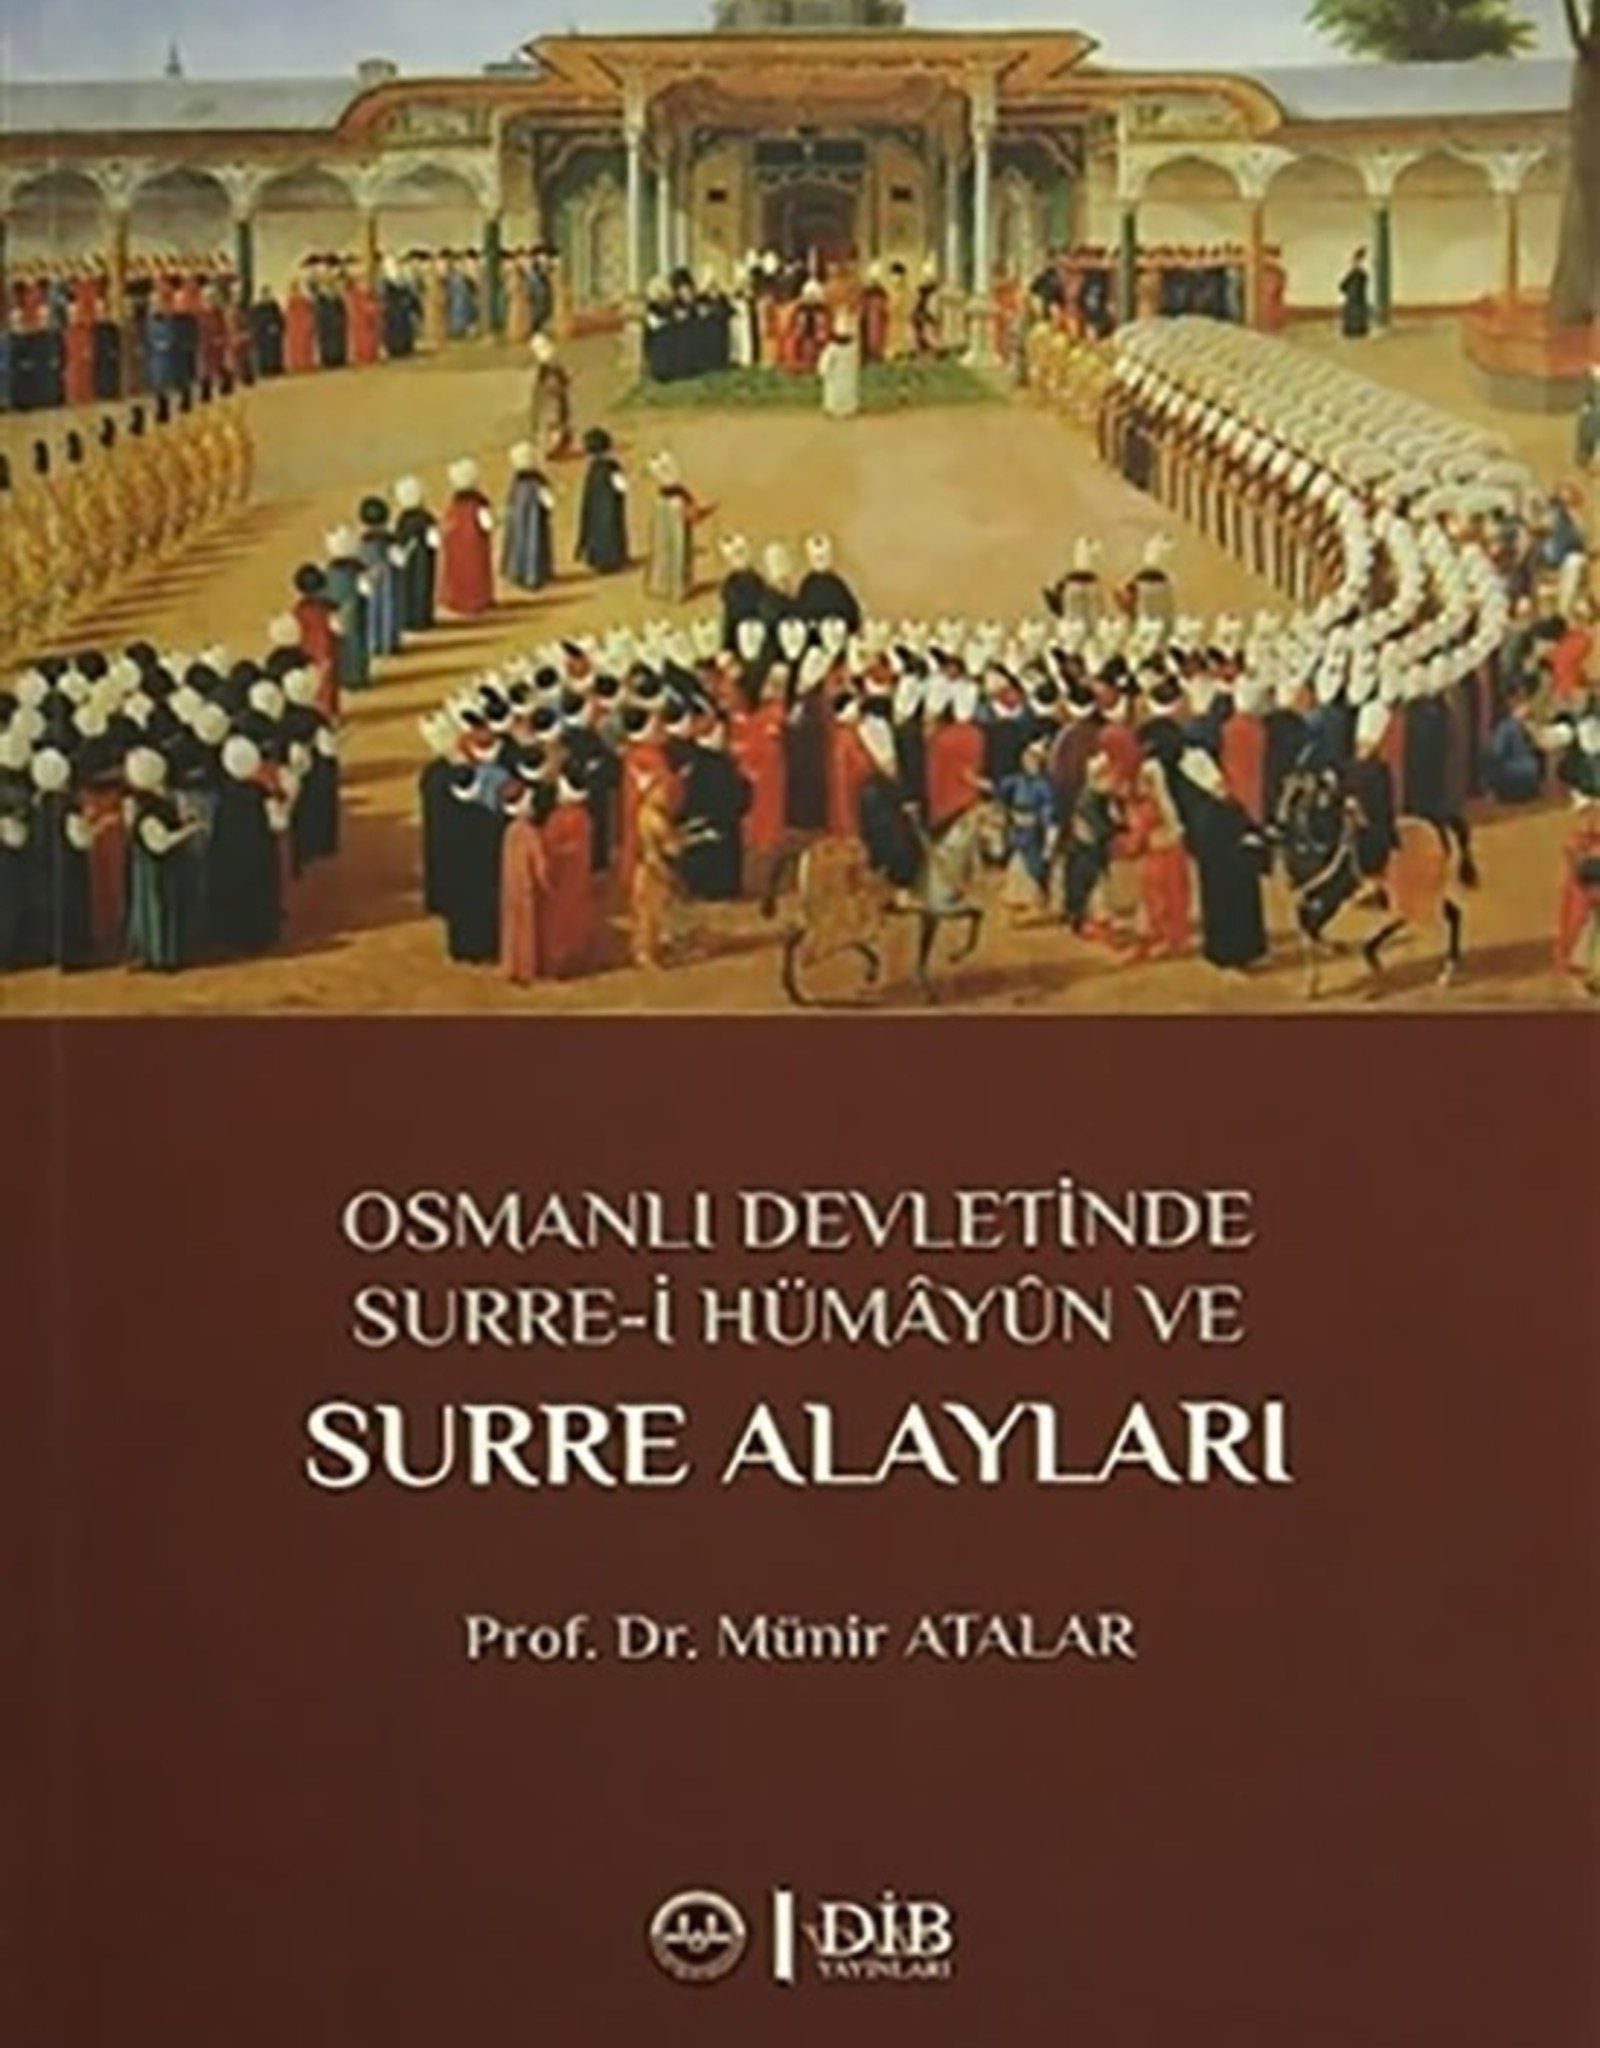 Osmanlı Devletinde Surre-i Hümayun ve Surre Alayları